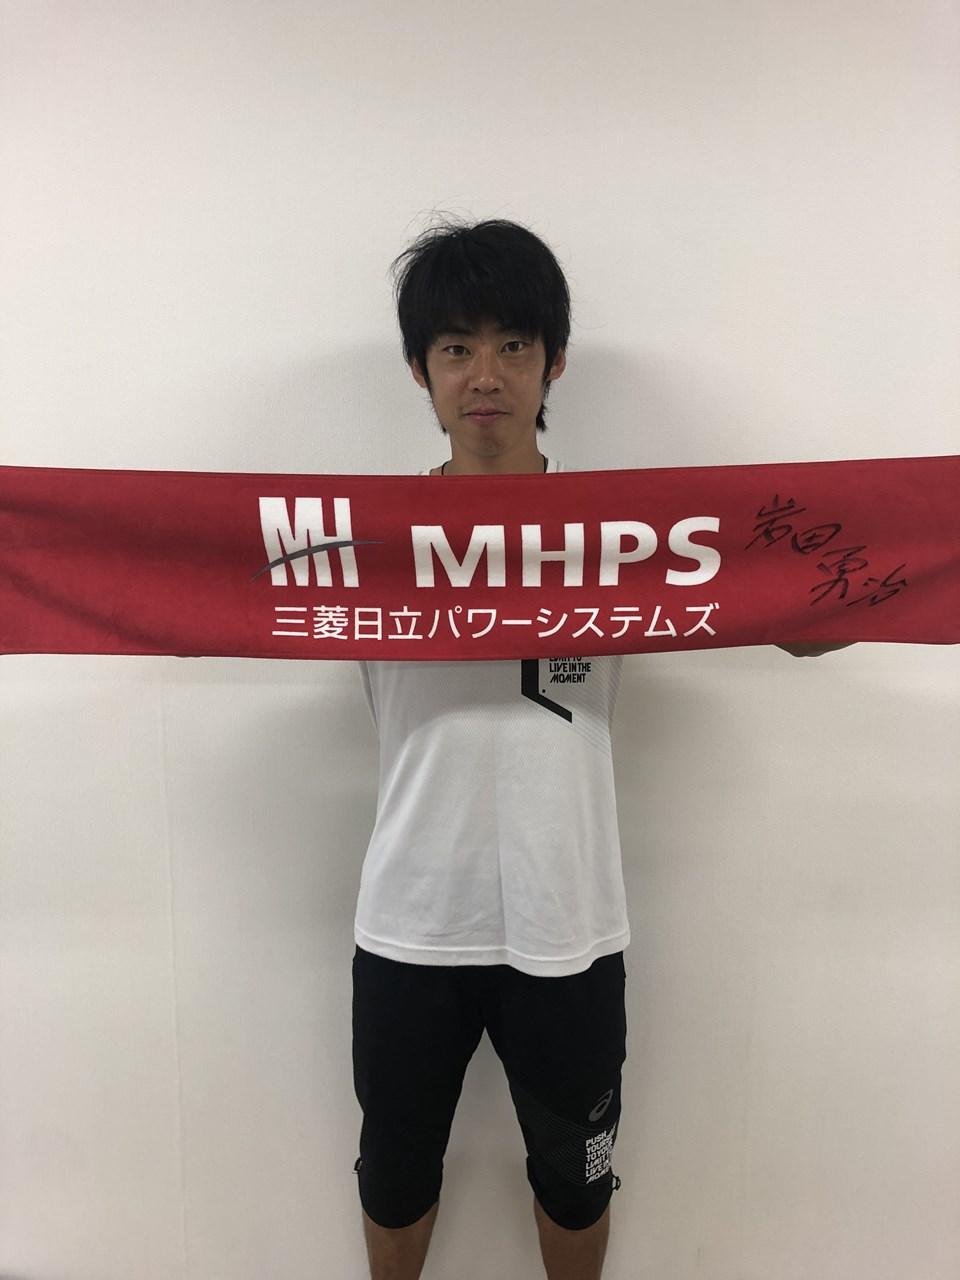 【日本陸連公式】岩田 勇治 選手(Tシャツ、タオル)